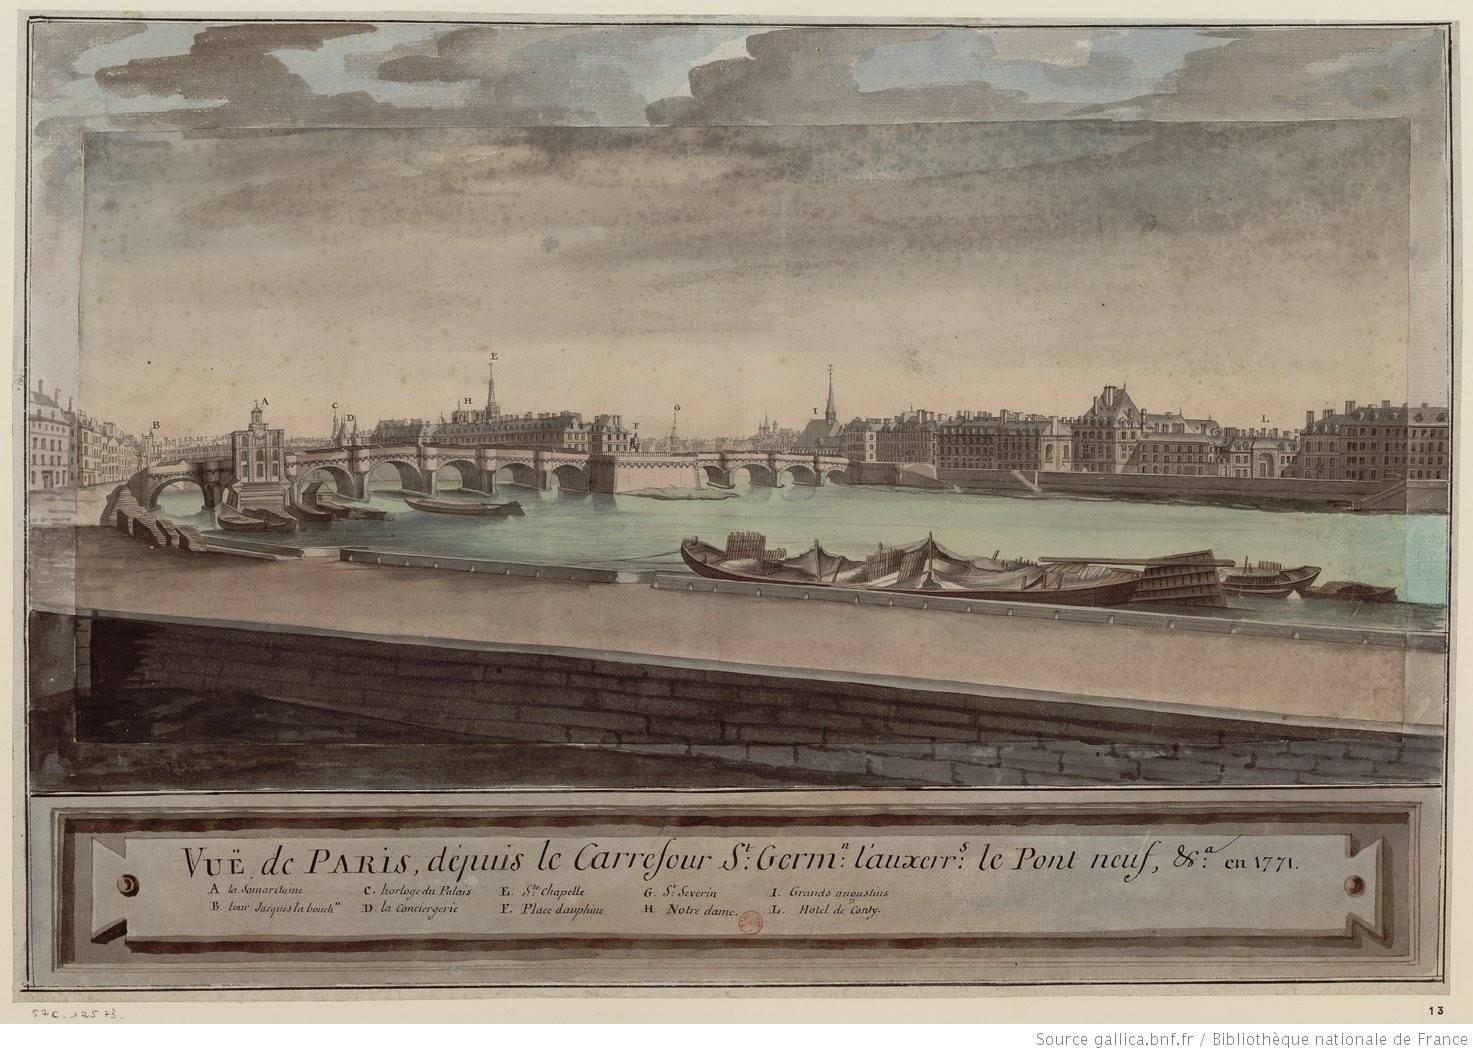 vue-de-paris-du-carrefour-saint-germain-auxerrois-le-pont-neuf